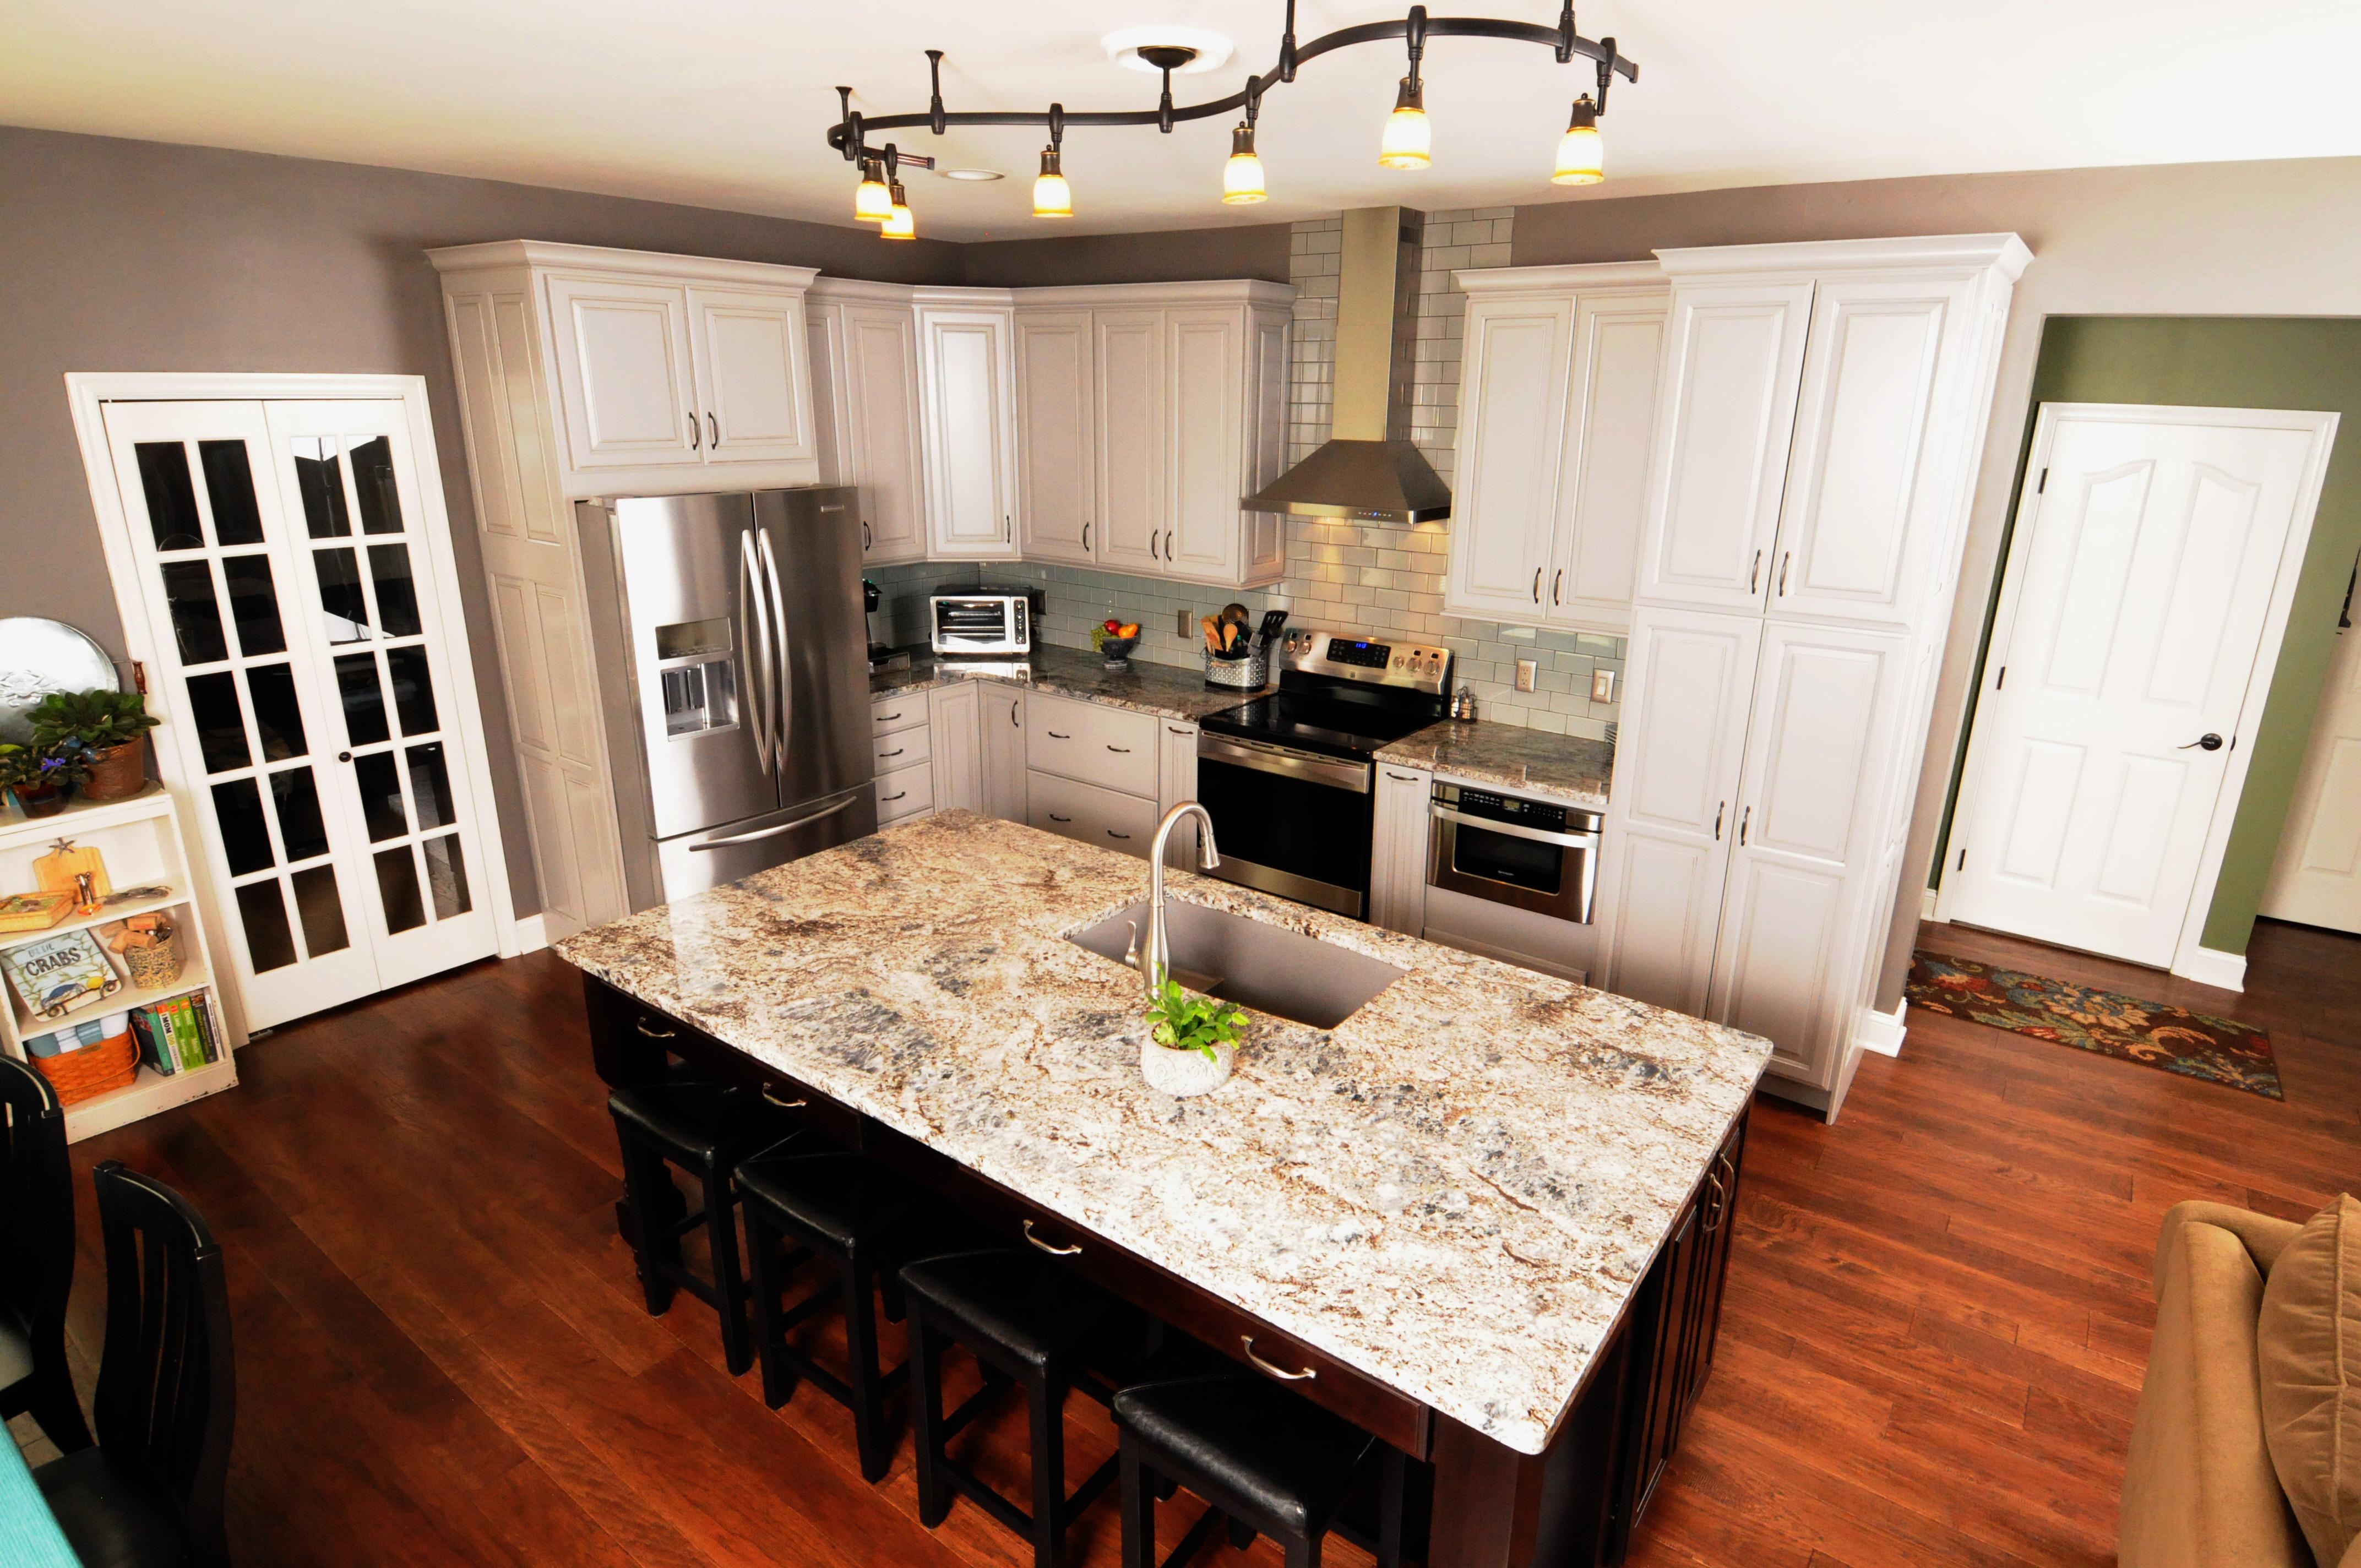 bella kitchen design center wilmington de yp